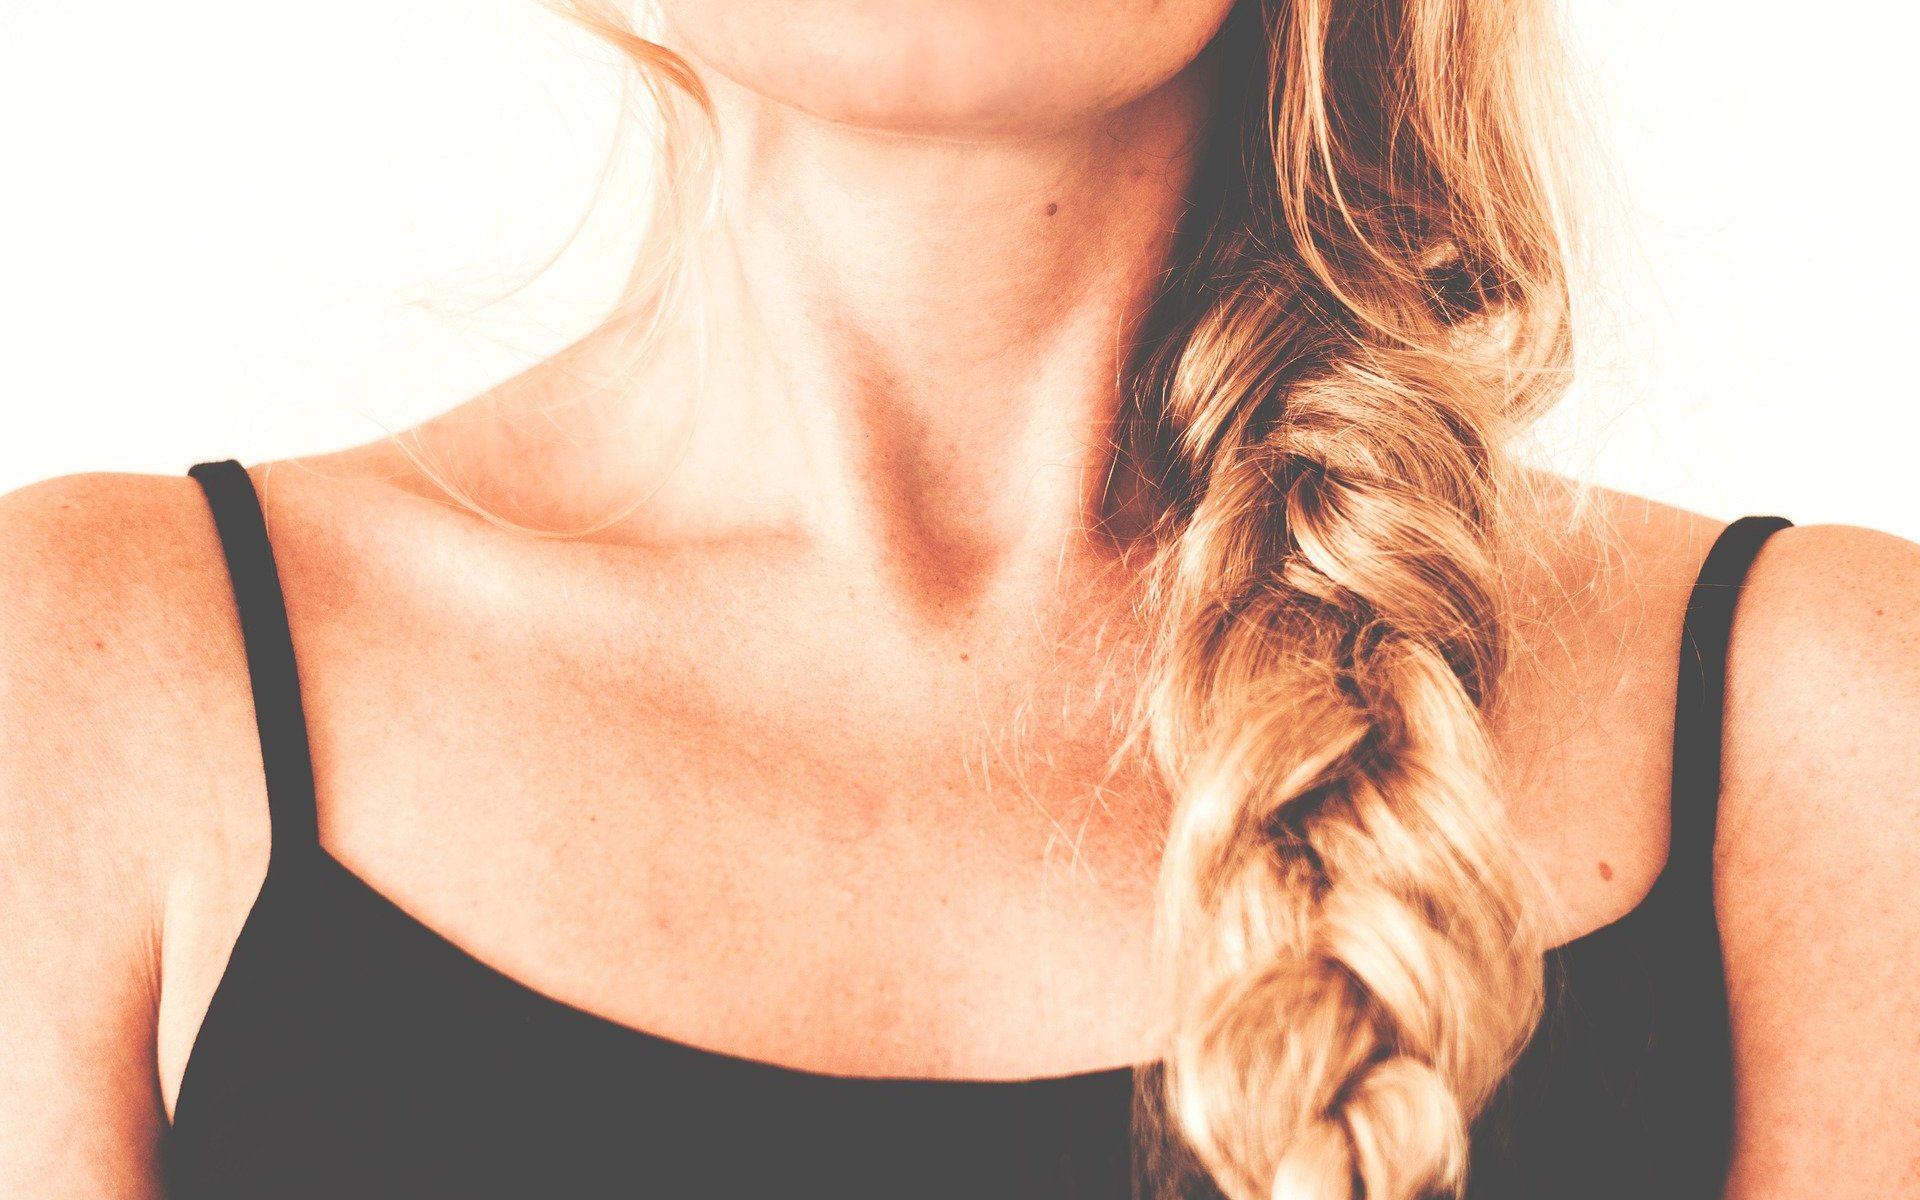 טיפול בשיער דליל לפני החתונה זה אפשרי